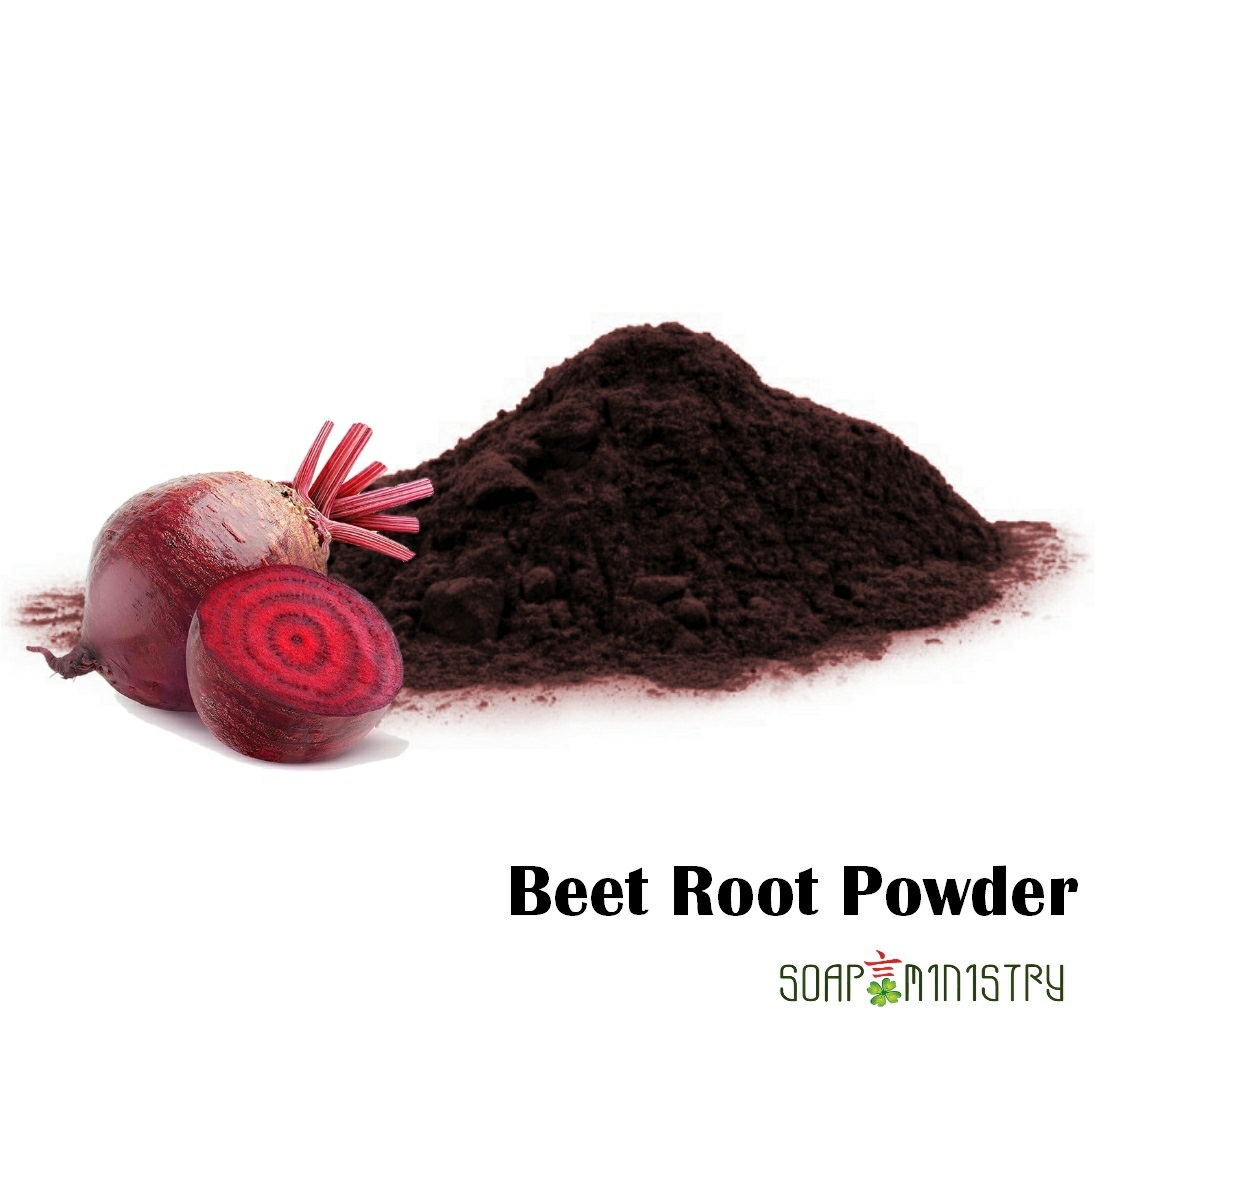 Beet Root Powder 500g